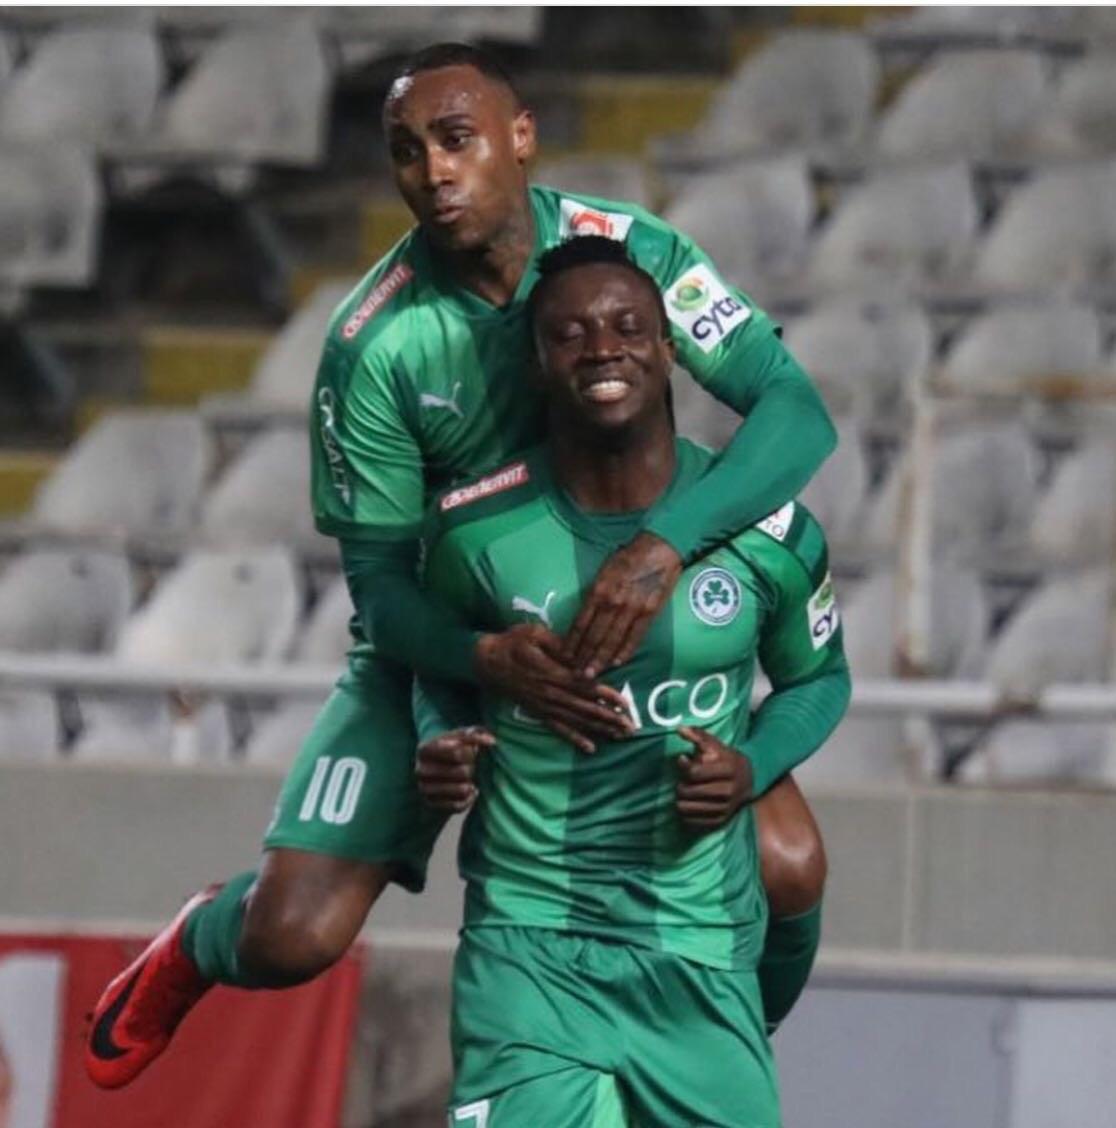 Theophilus Solomon Scores First Goal For Cyprus Giant Omonia Nicosia, Reveals Goal Target